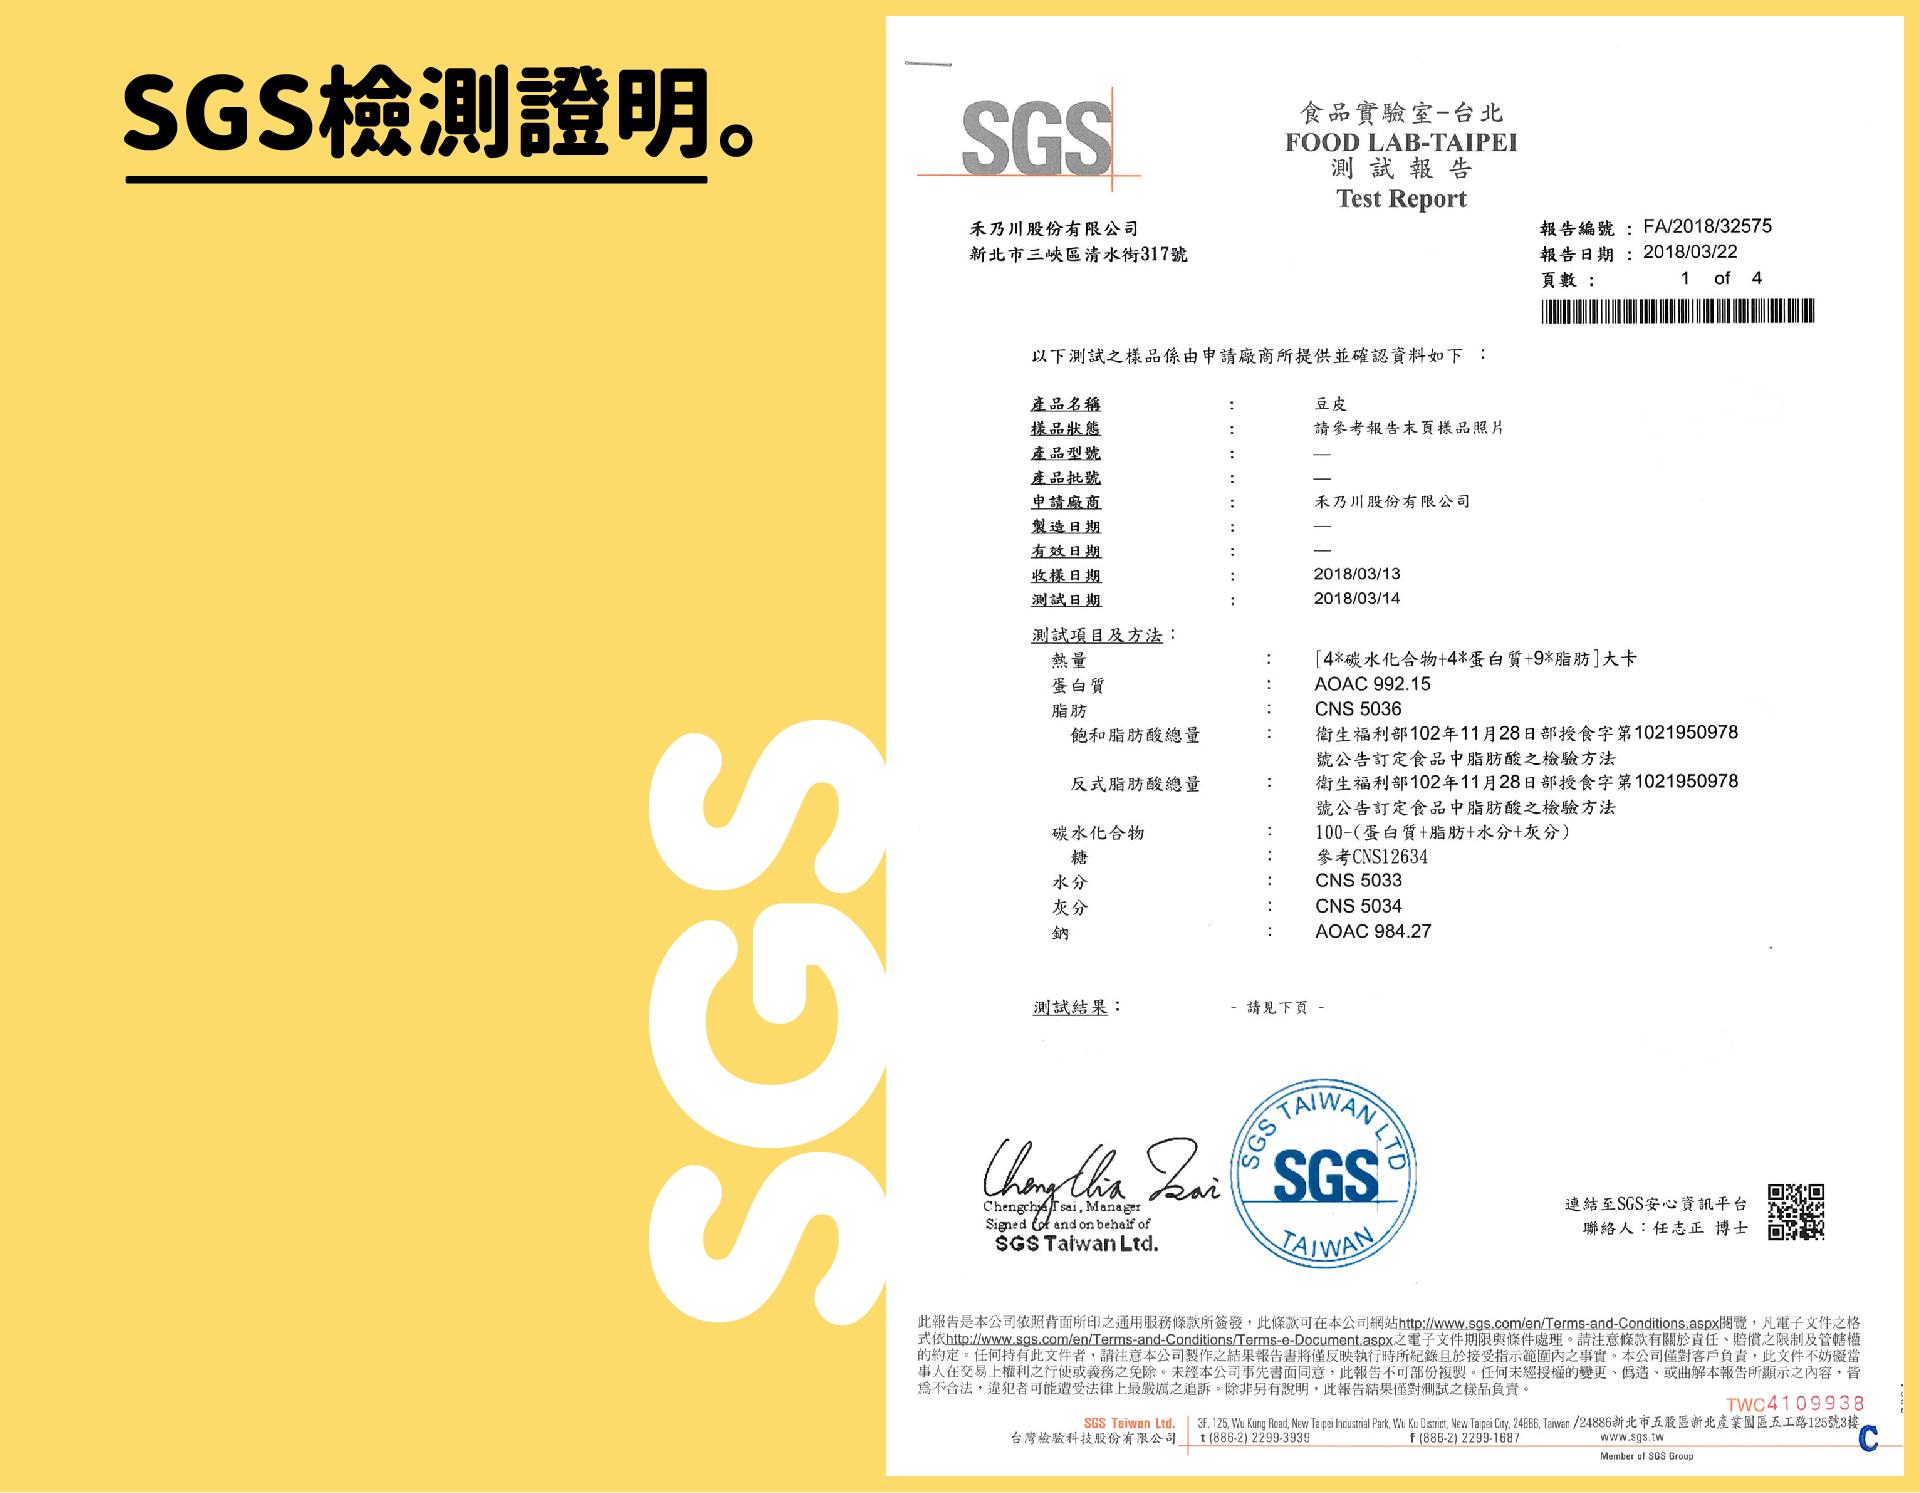 禾乃川SGS檢驗證明 - 台灣手工豆皮 - 全手工撈製而成